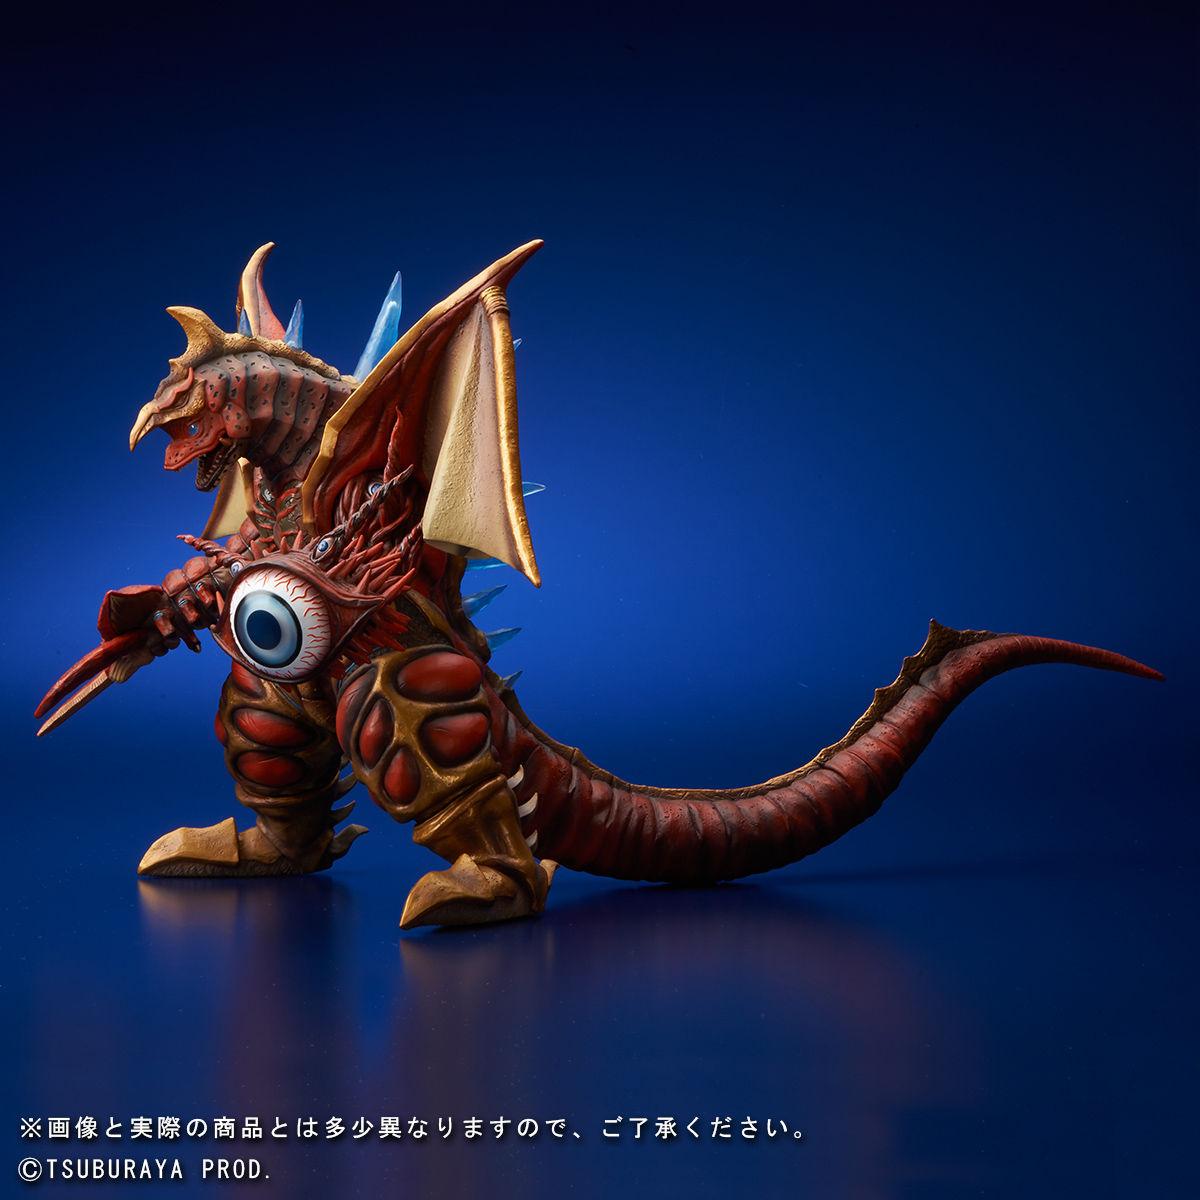 大怪獣シリーズ ULTRA NEW GENERATION『ファイブキング(発光Ver.)』ウルトラマンギンガS 完成品フィギュア-002